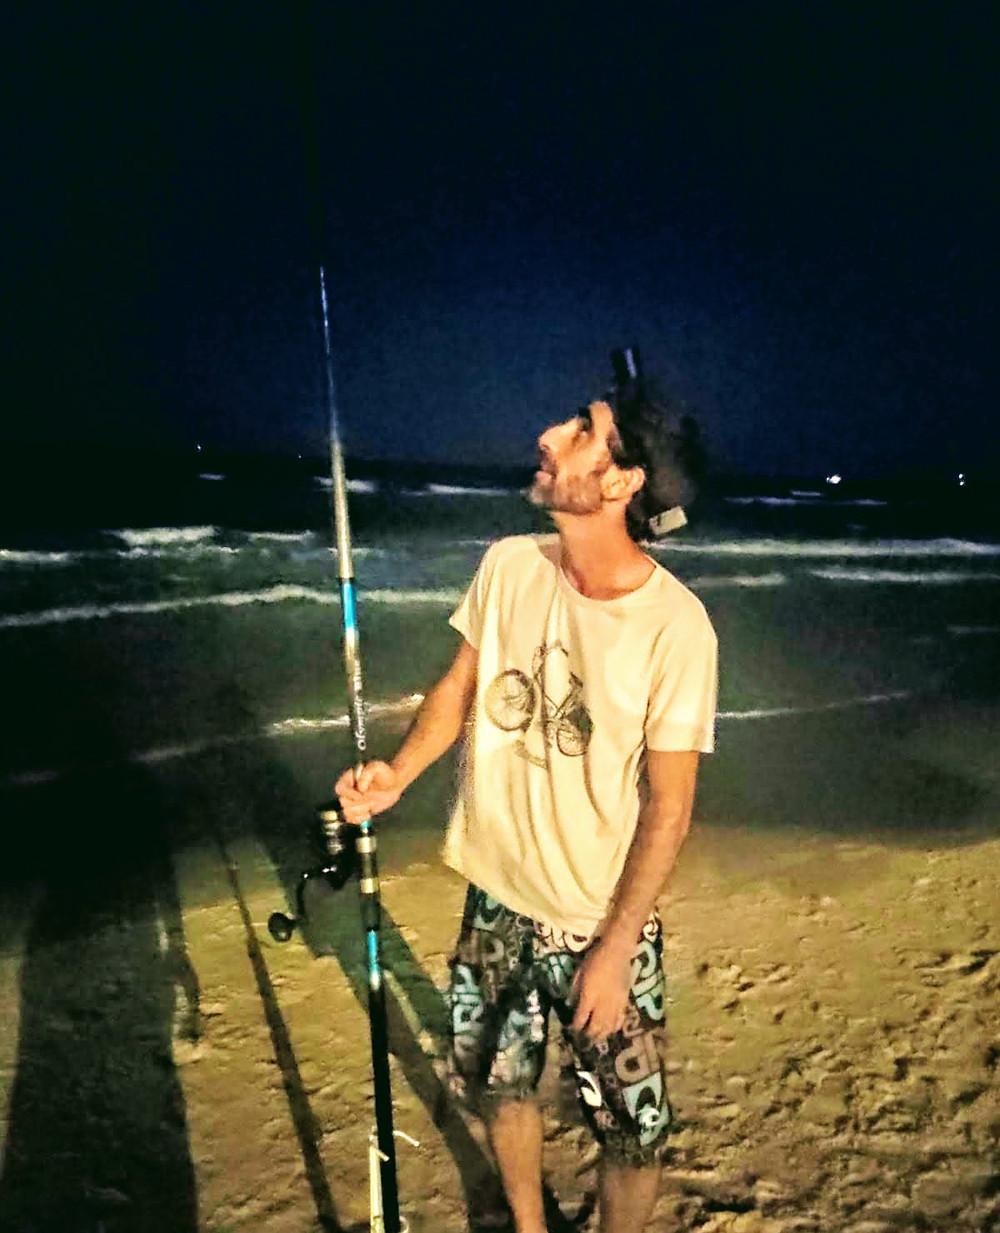 Fishing at night alt